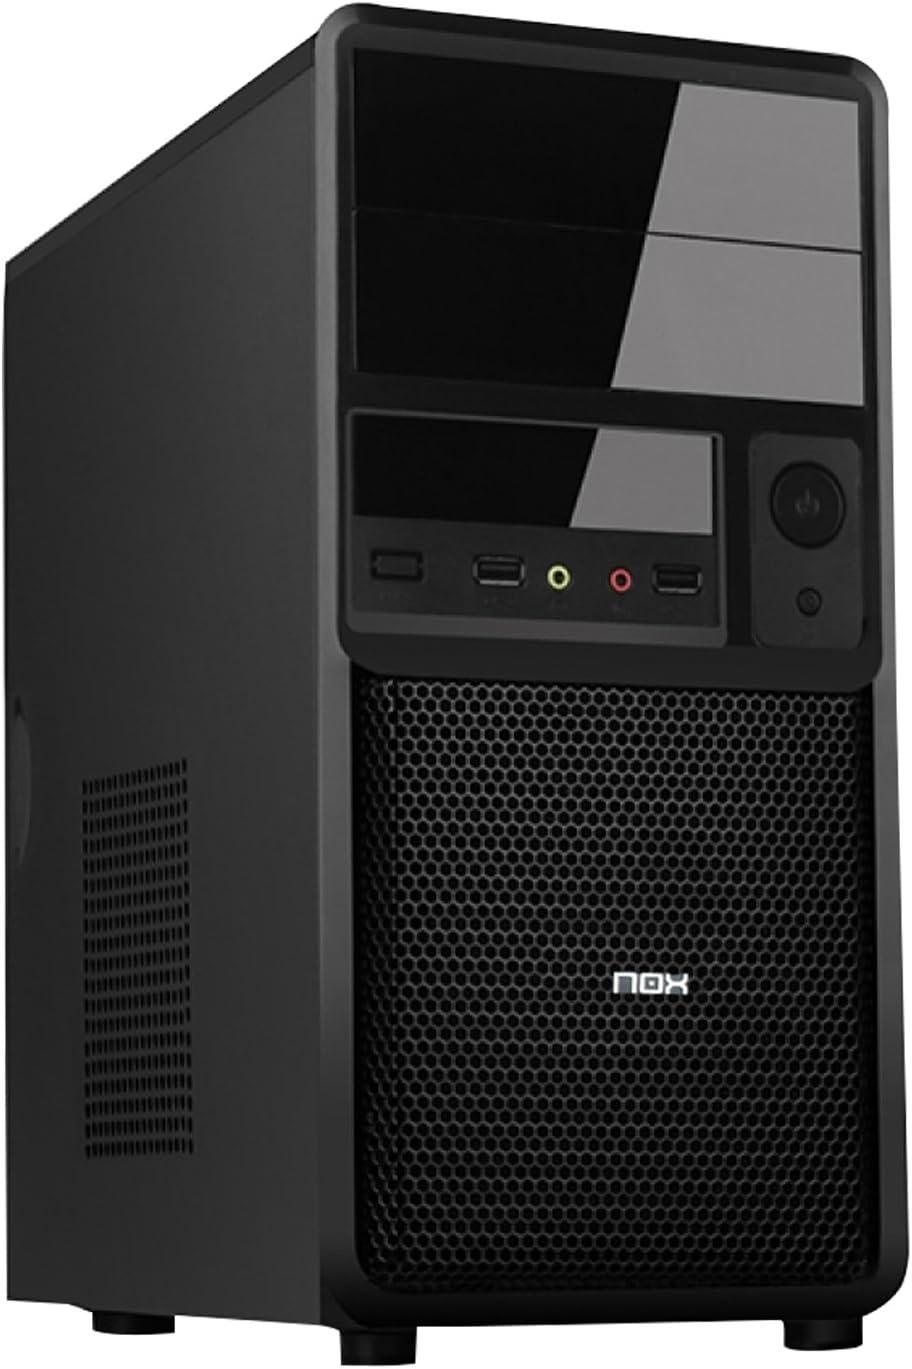 Nox Volt - NXVOLT - Caja PC, Micro ATX, Color negro: Amazon.es: Informática